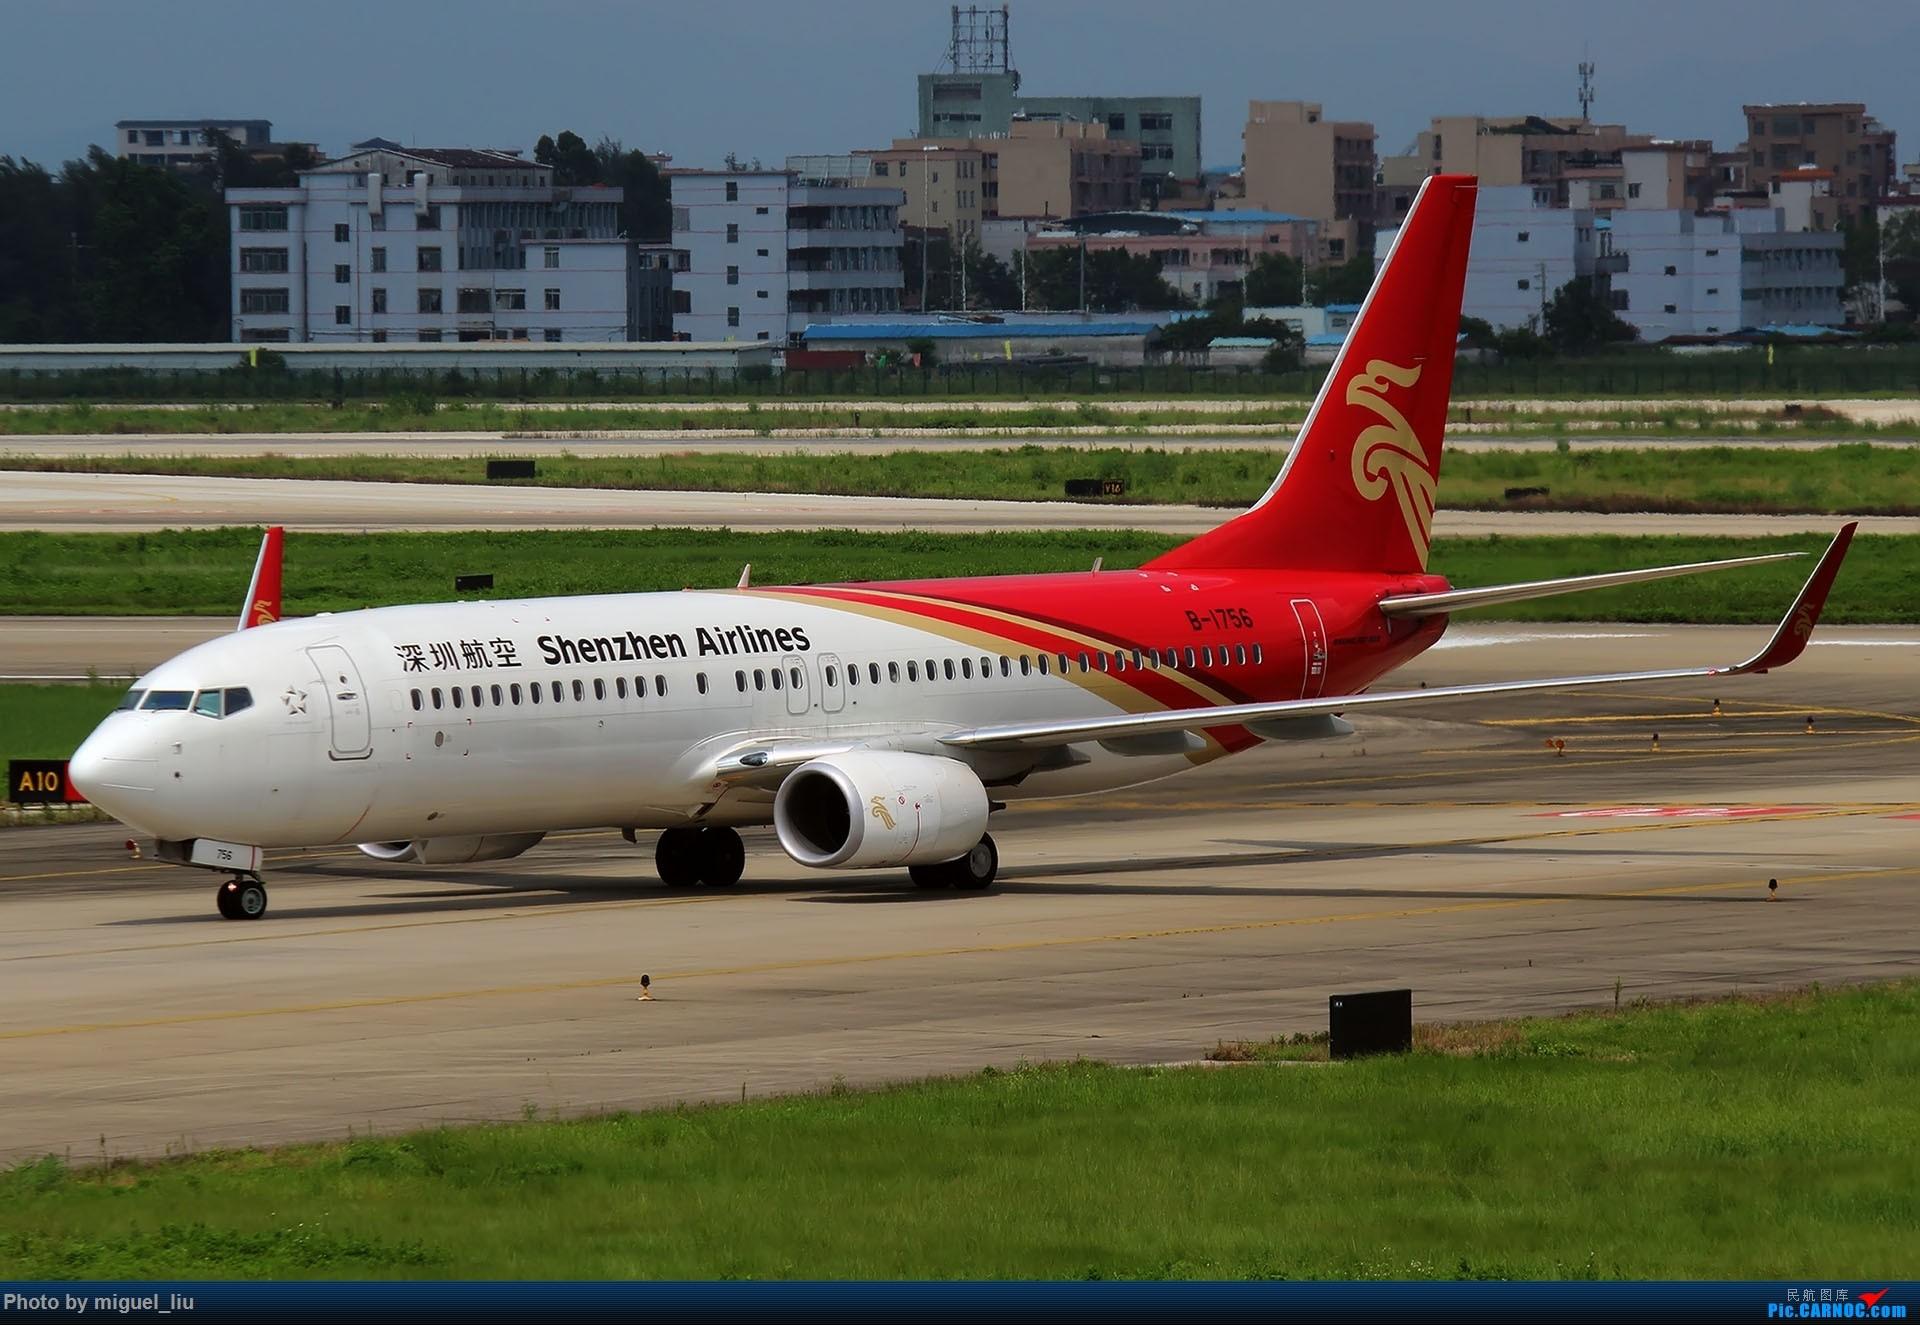 Re:[原创][*********Miguel_liu********]7月28日例行打卡 BOEING 737-800 B-1756 中国广州白云国际机场